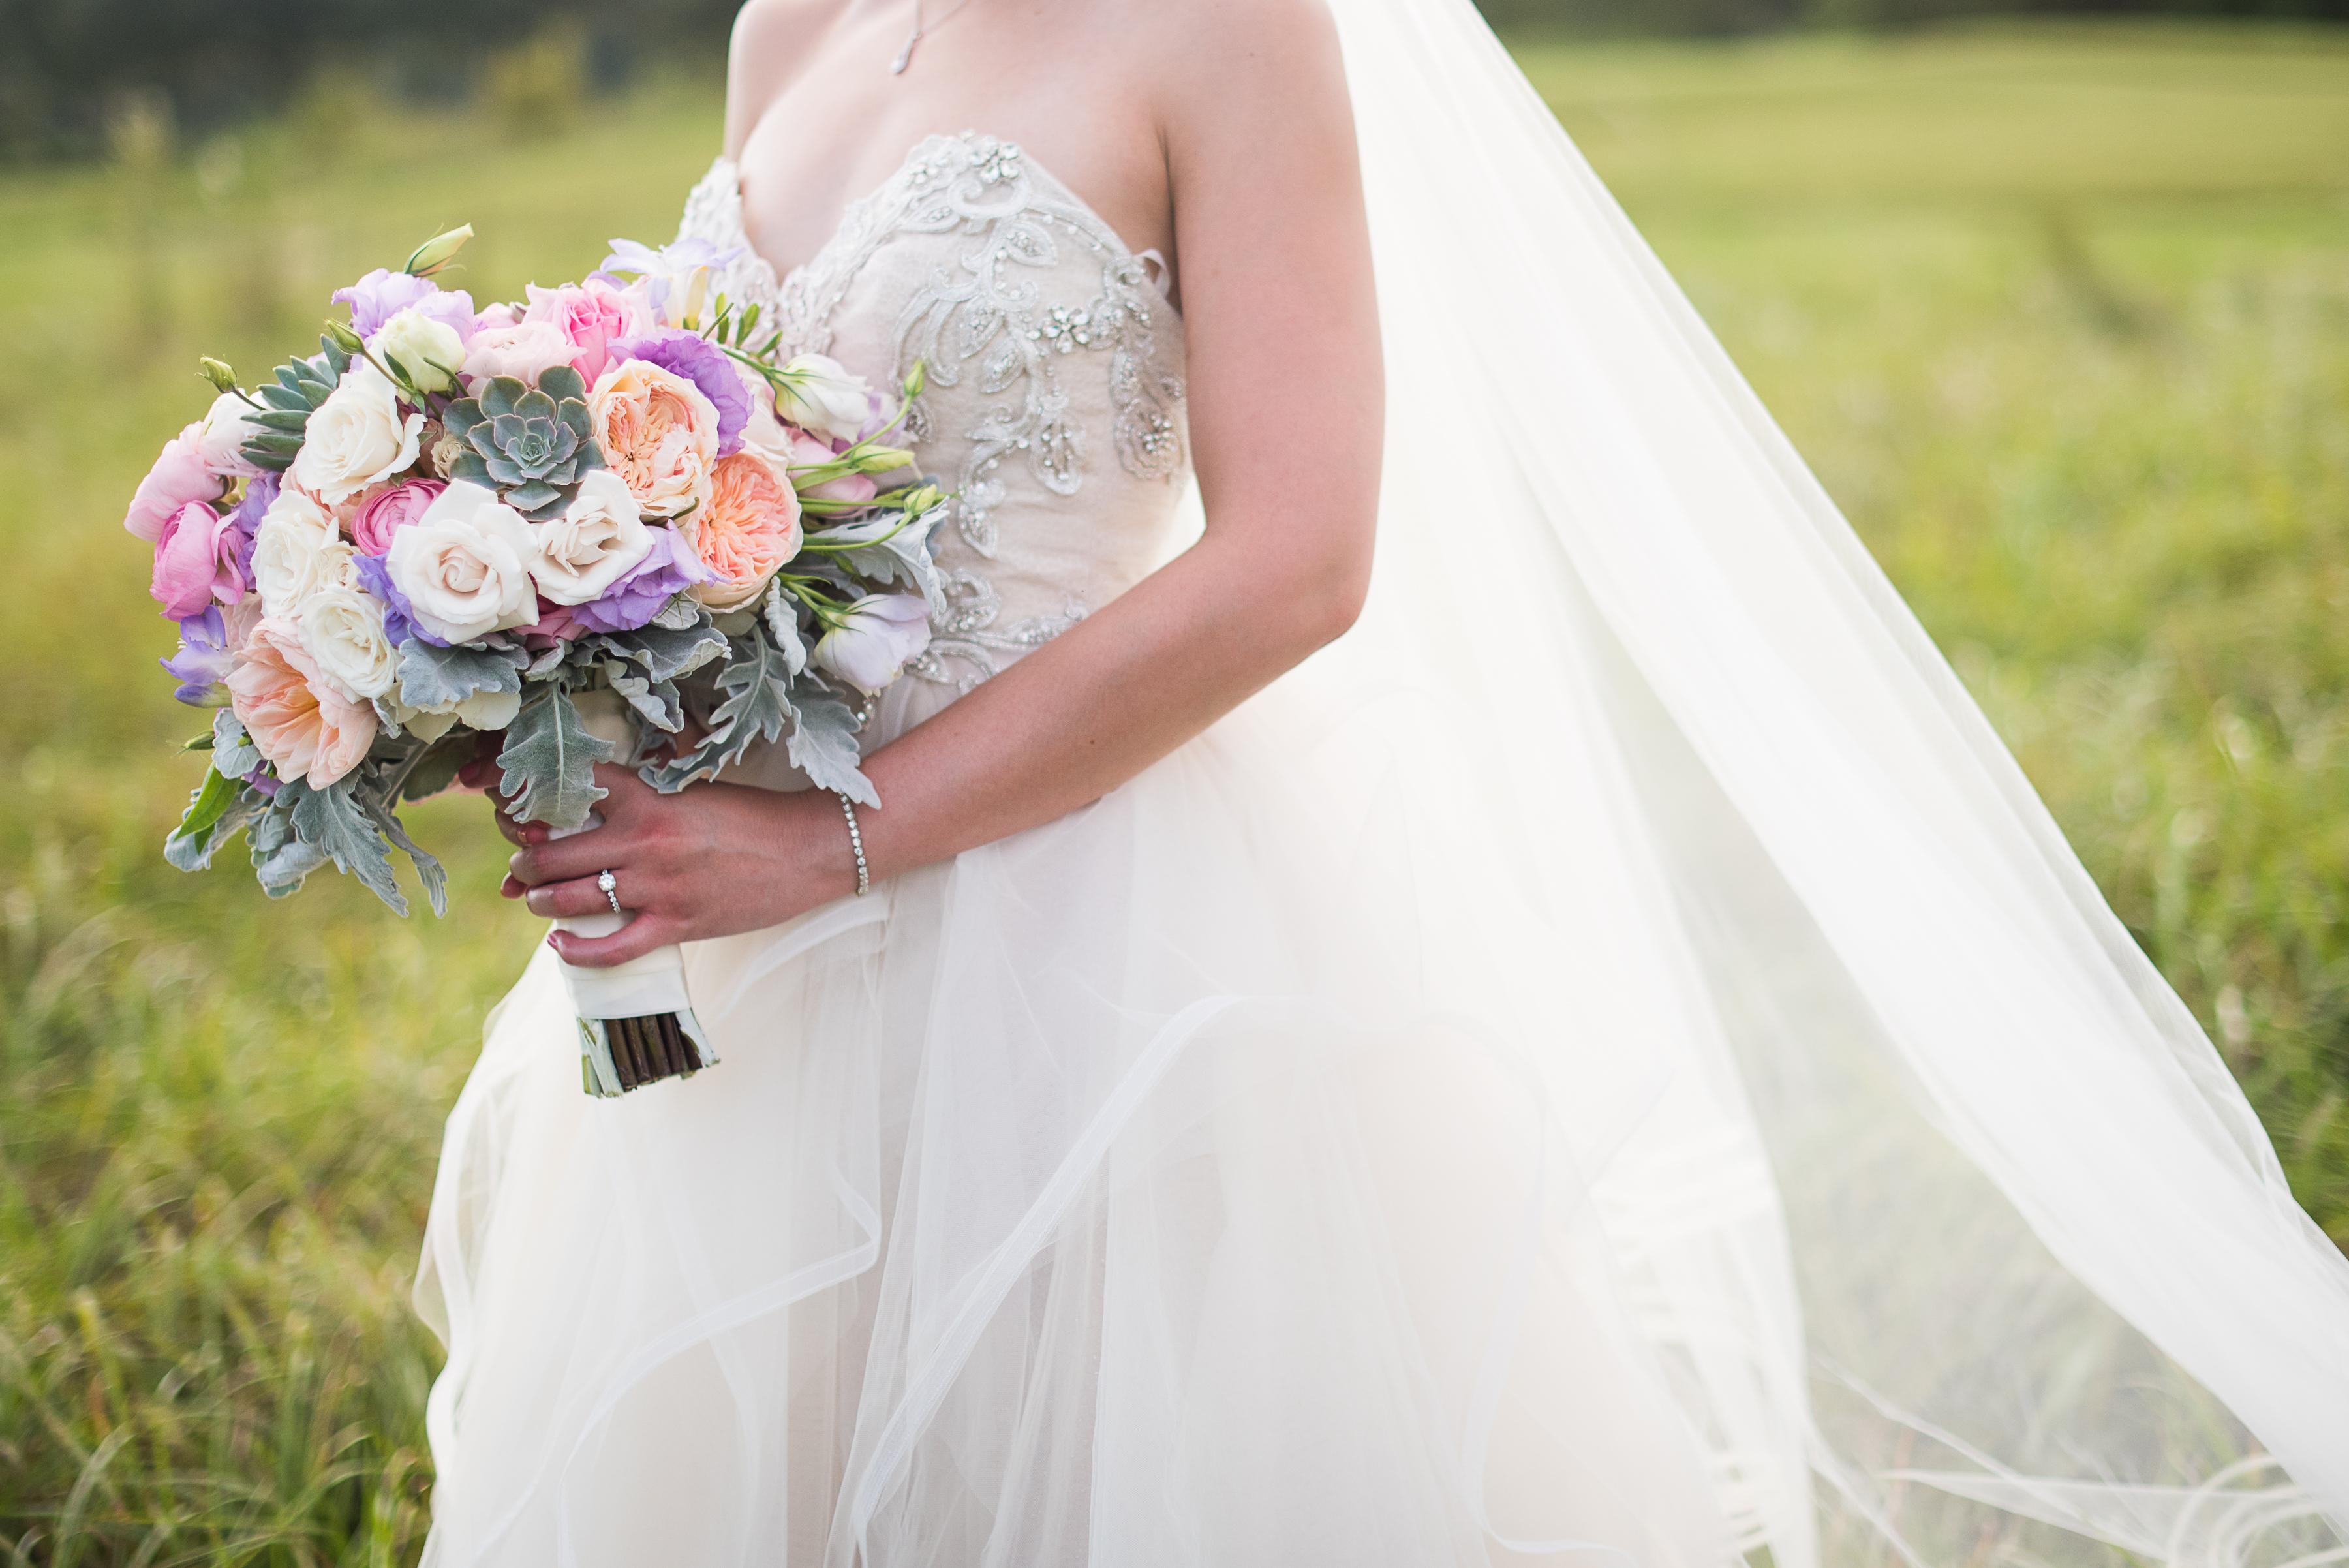 151010-Falcon-Wedding-4531